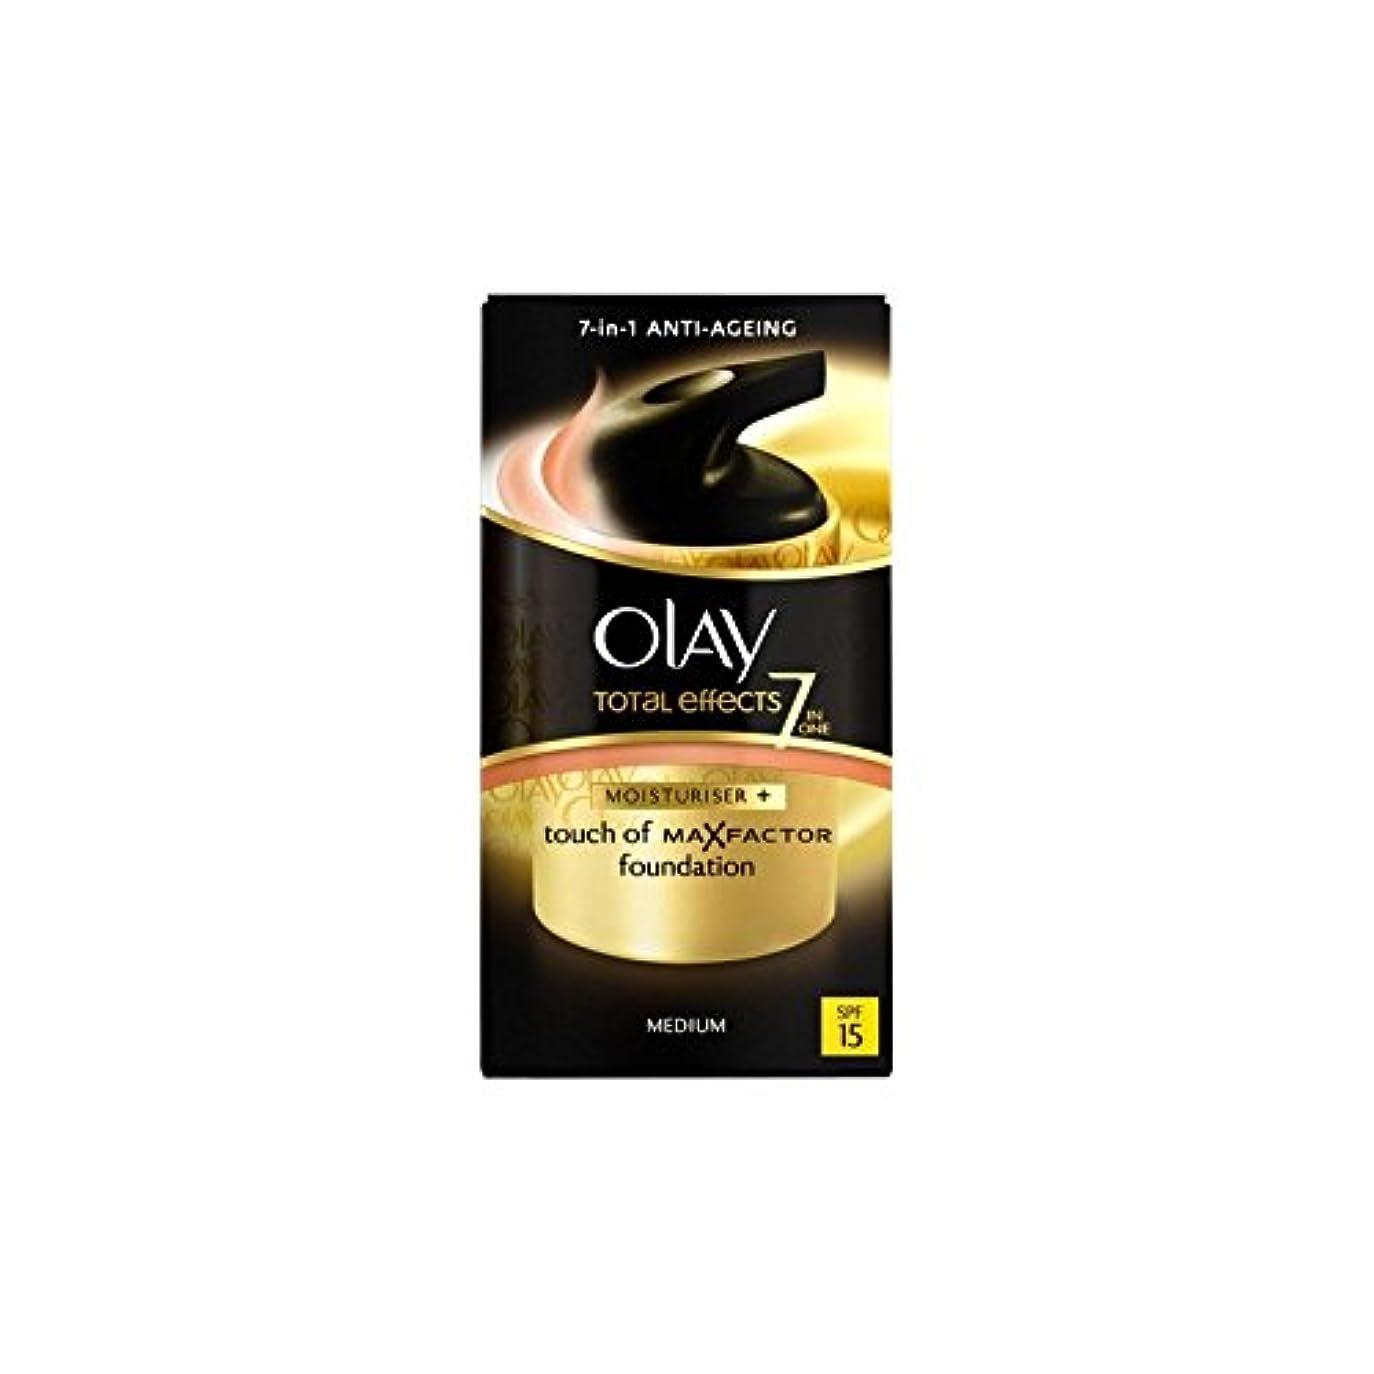 和計算する突然Olay Total Effects Moisturiser Bb Cream Spf15 - Medium (50ml) - オーレイトータルエフェクト保湿クリーム15 - 培地(50ミリリットル) [並行輸入品]